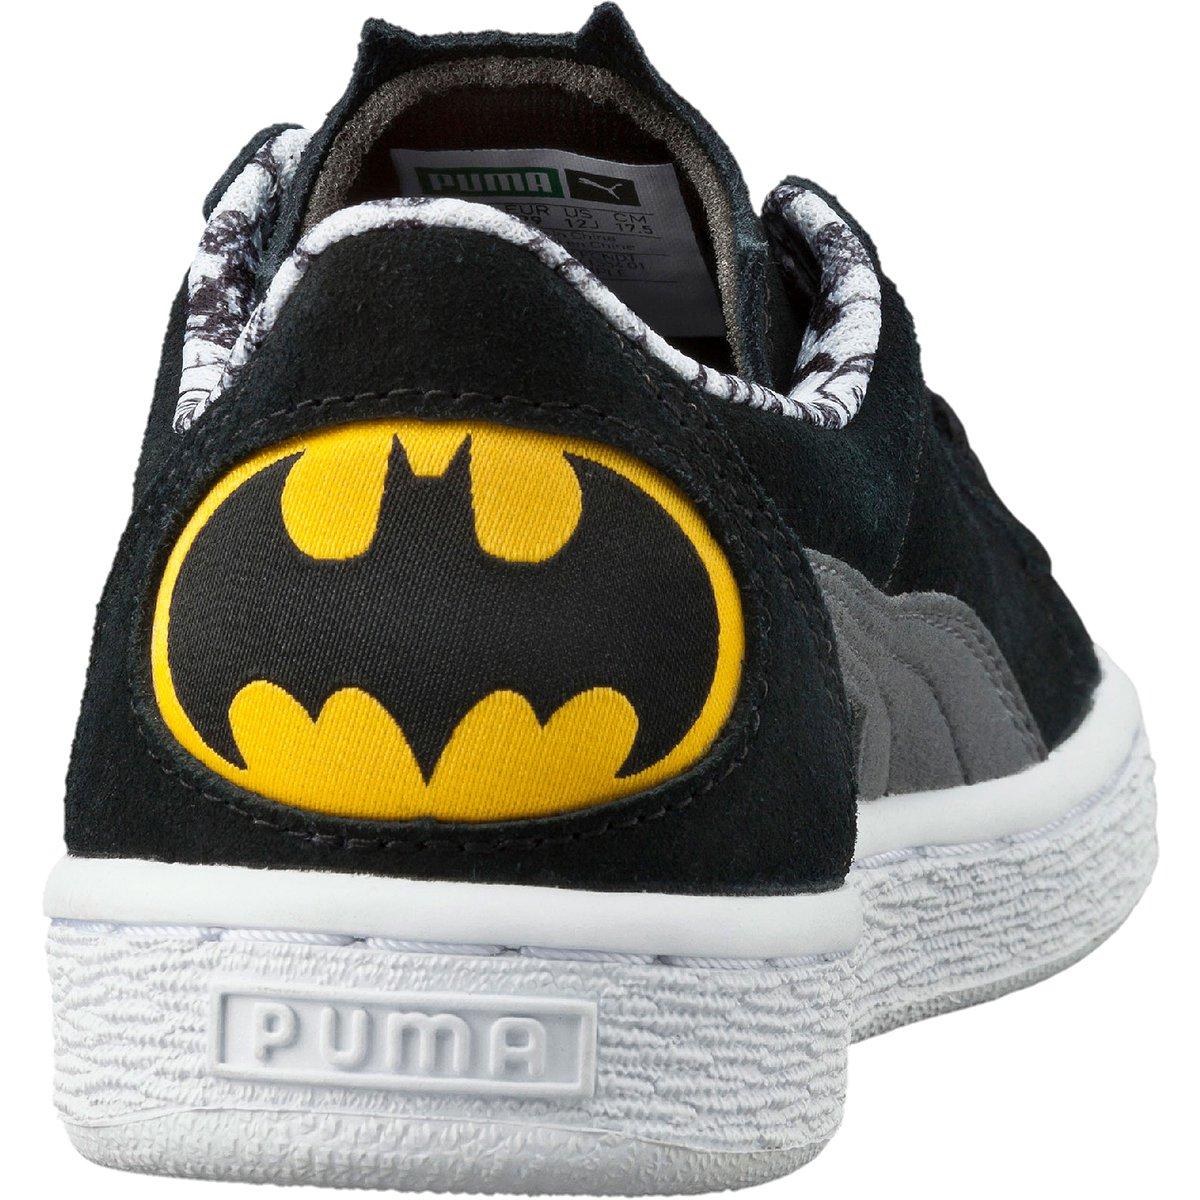 5368129506 Tênis Puma Suede Batman Ps - Compre Agora